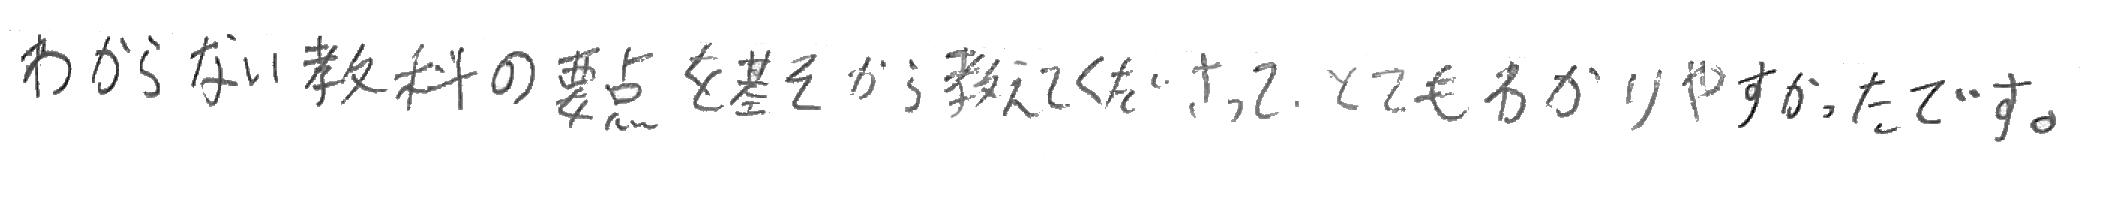 YG(小矢部市)からの口コミ